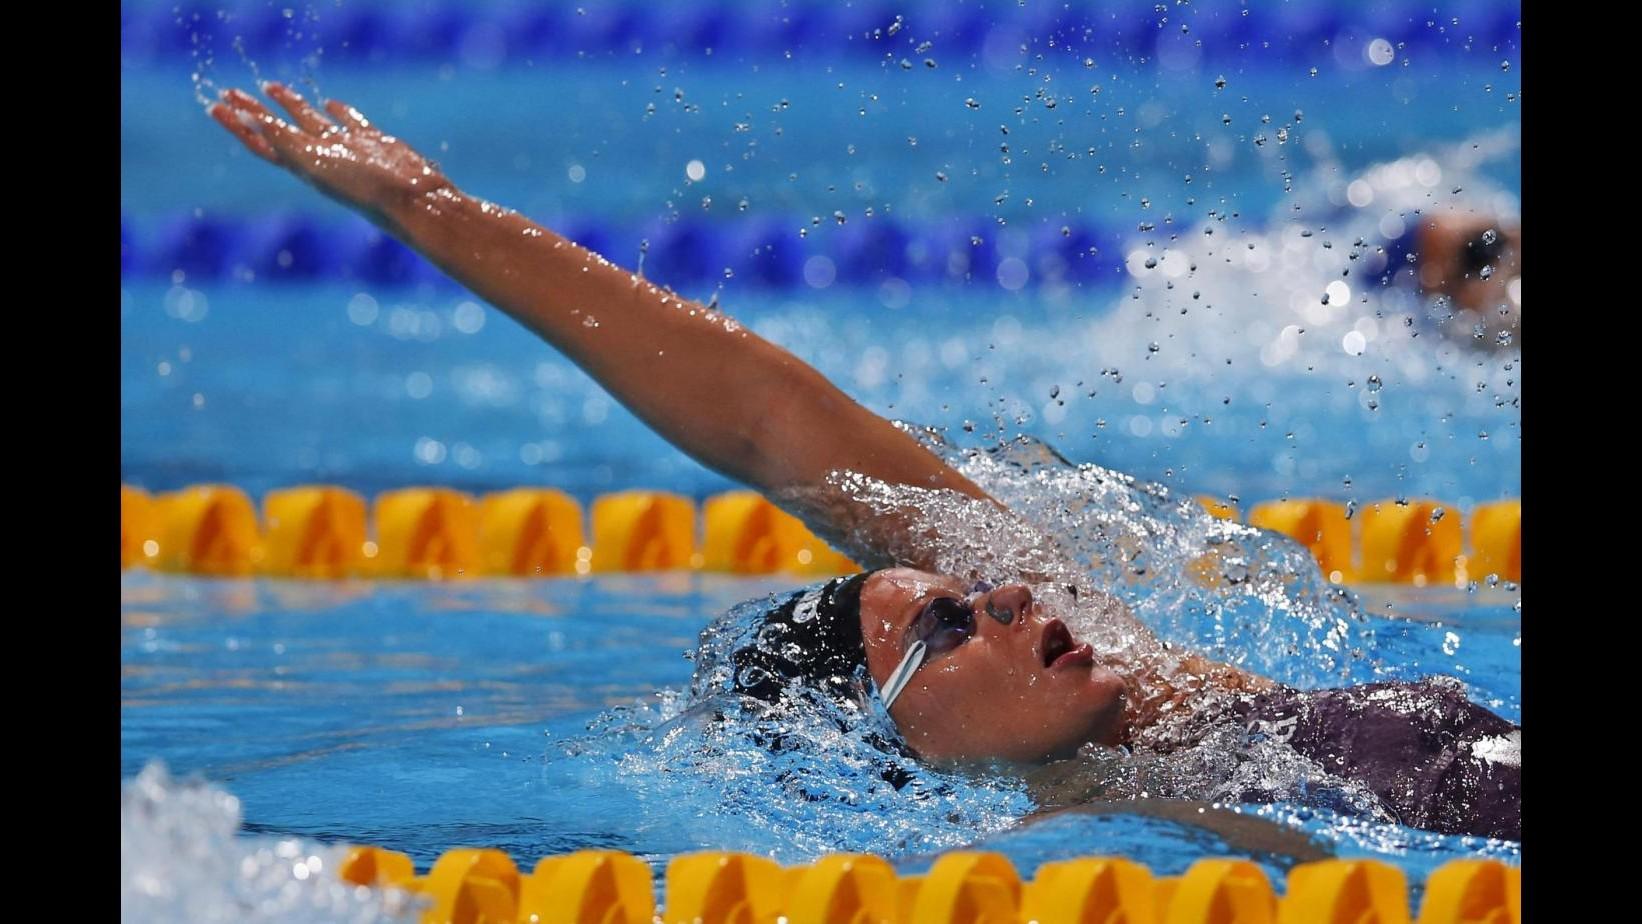 Nuoto, Mondiali: Pellegrini fuori da finale 200 dorso ma felice, brilla Rivolta